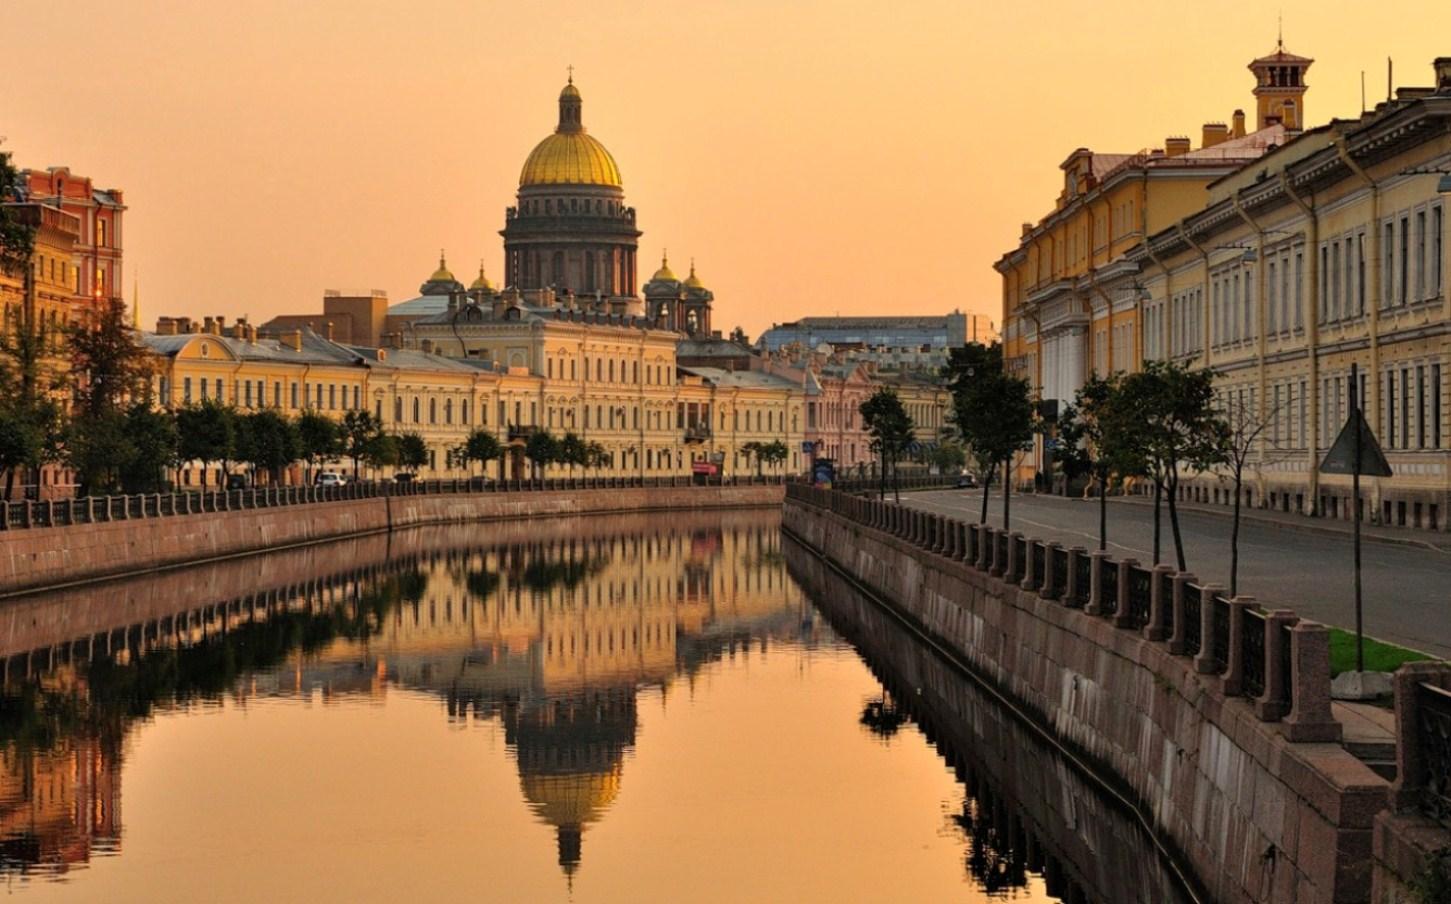 схемы картинки города санкт петербурга чтобы запечатлеть